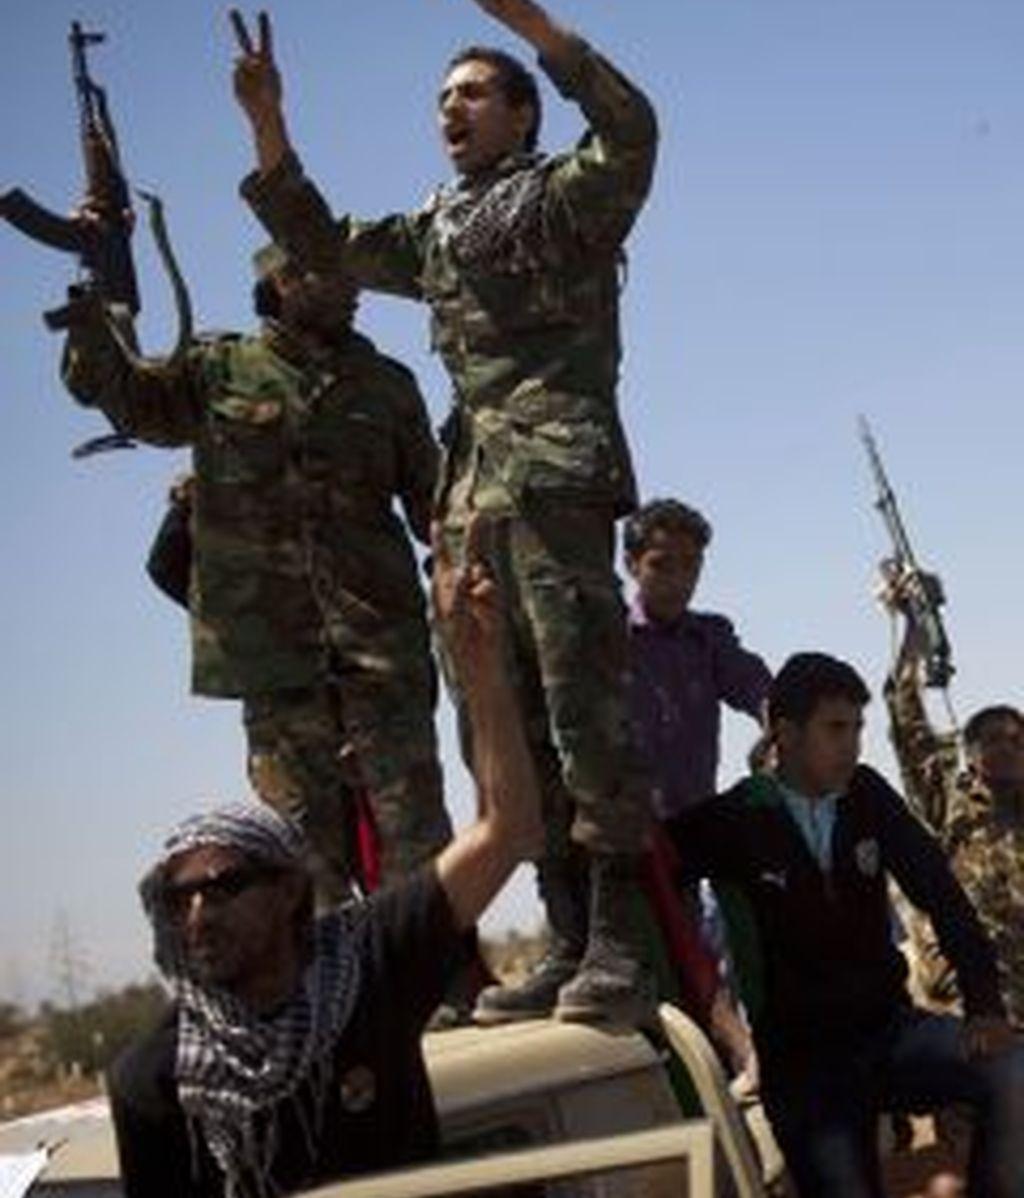 Los rebeldes libios aseguran que se quedan sin dinero. Foto: Gtres.